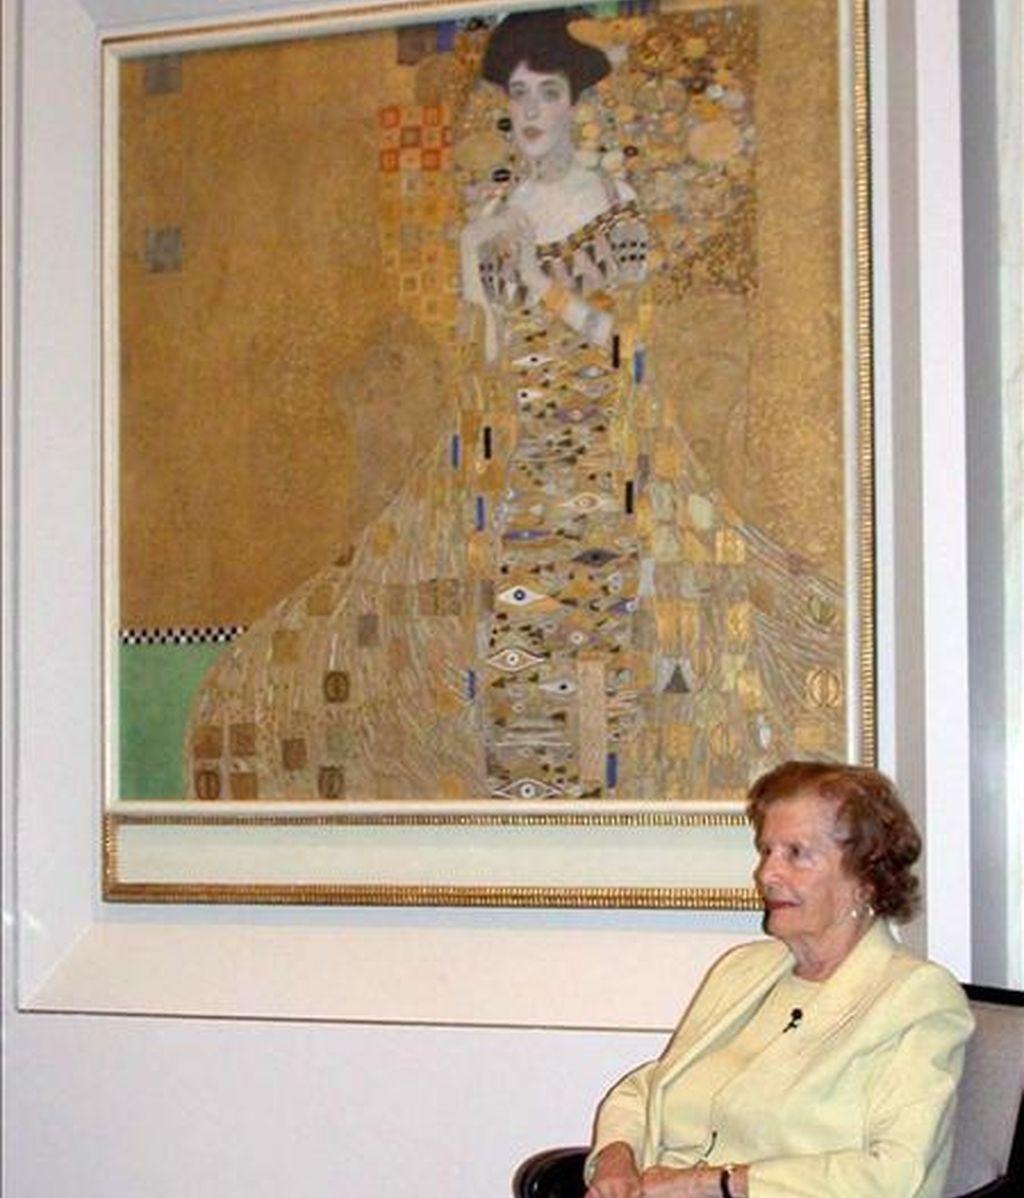 """La antigua propietaria y única sobrina viva de la modelo del cuadro María Altman sentada frente al retrato """"""""Retrato de Adele Bloch-Bauer I"""" del pintor Gustav Klimt que fue comprado por un valor de 135 millones de dólares por un magnate estadounidense Ronald Lauder. María Altman ganó un pleito contra el Gobierno austriaco por la propiedad del retrato ya que el cuadro le fue robado a la familia de Altman por los Nazis durante la Segunda Guerra Mundial. EFE"""